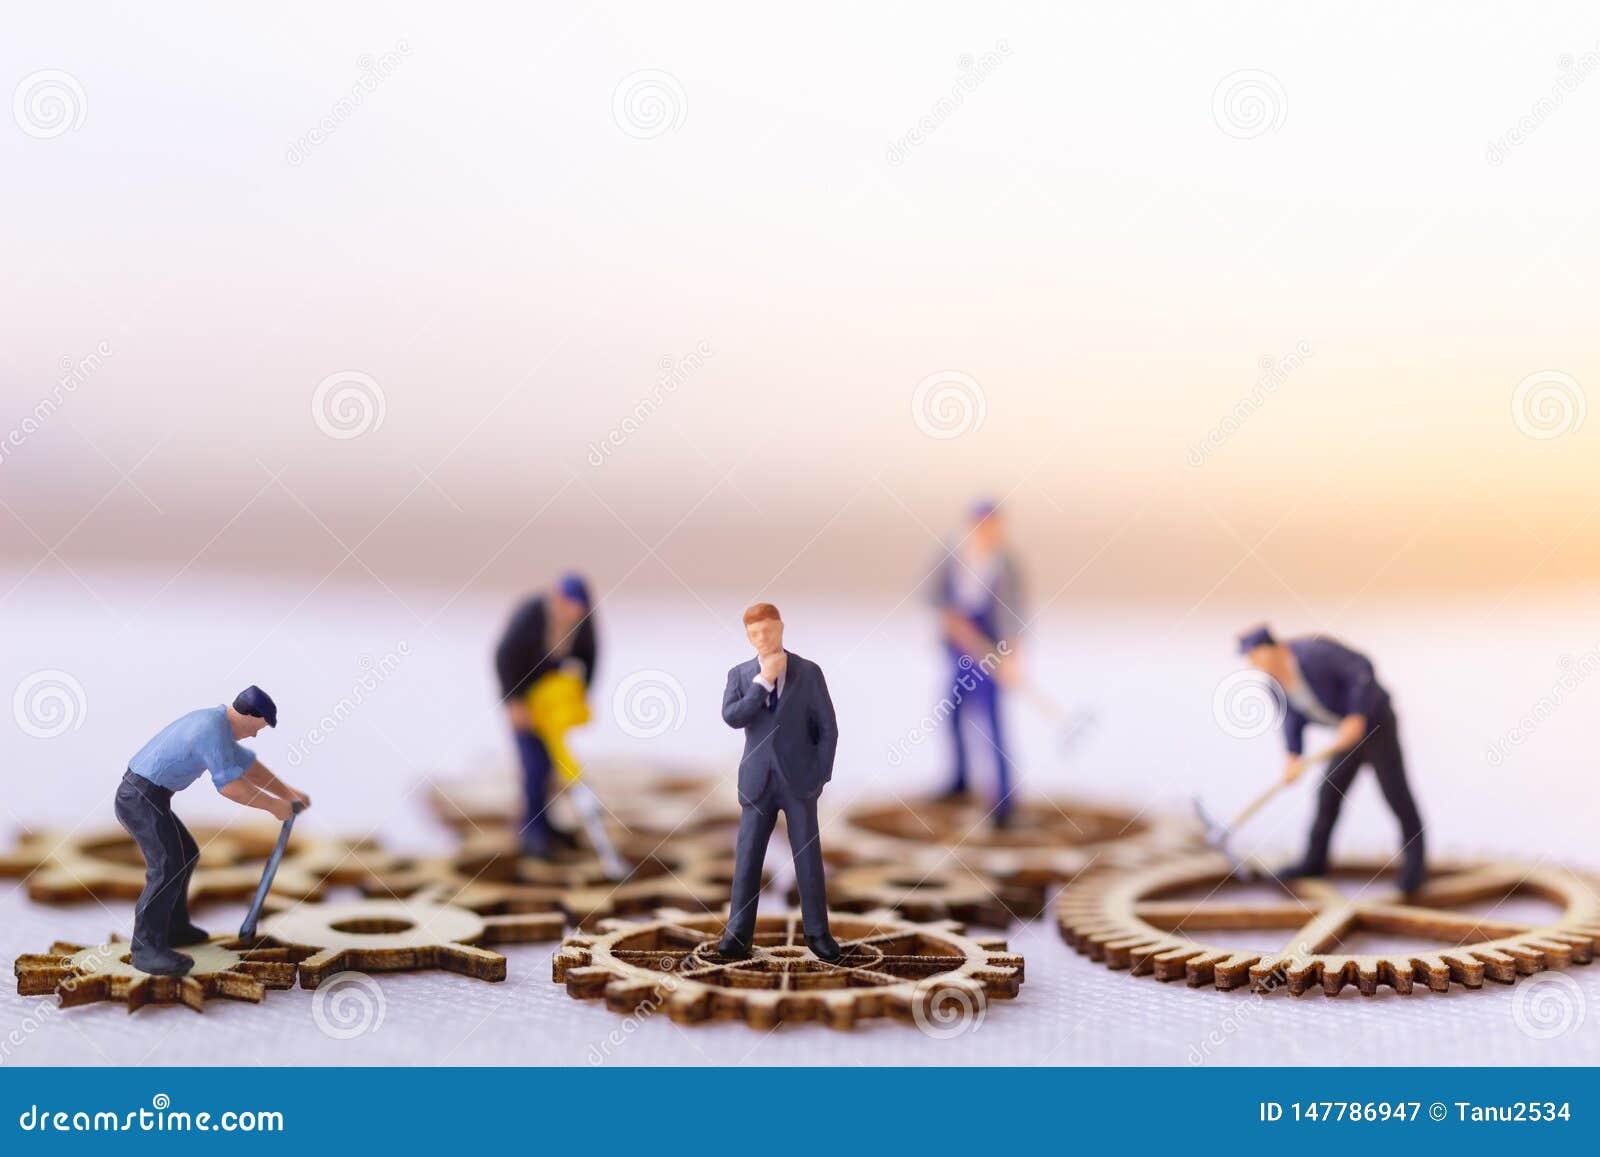 站立在木齿轮的商人和许多工作者